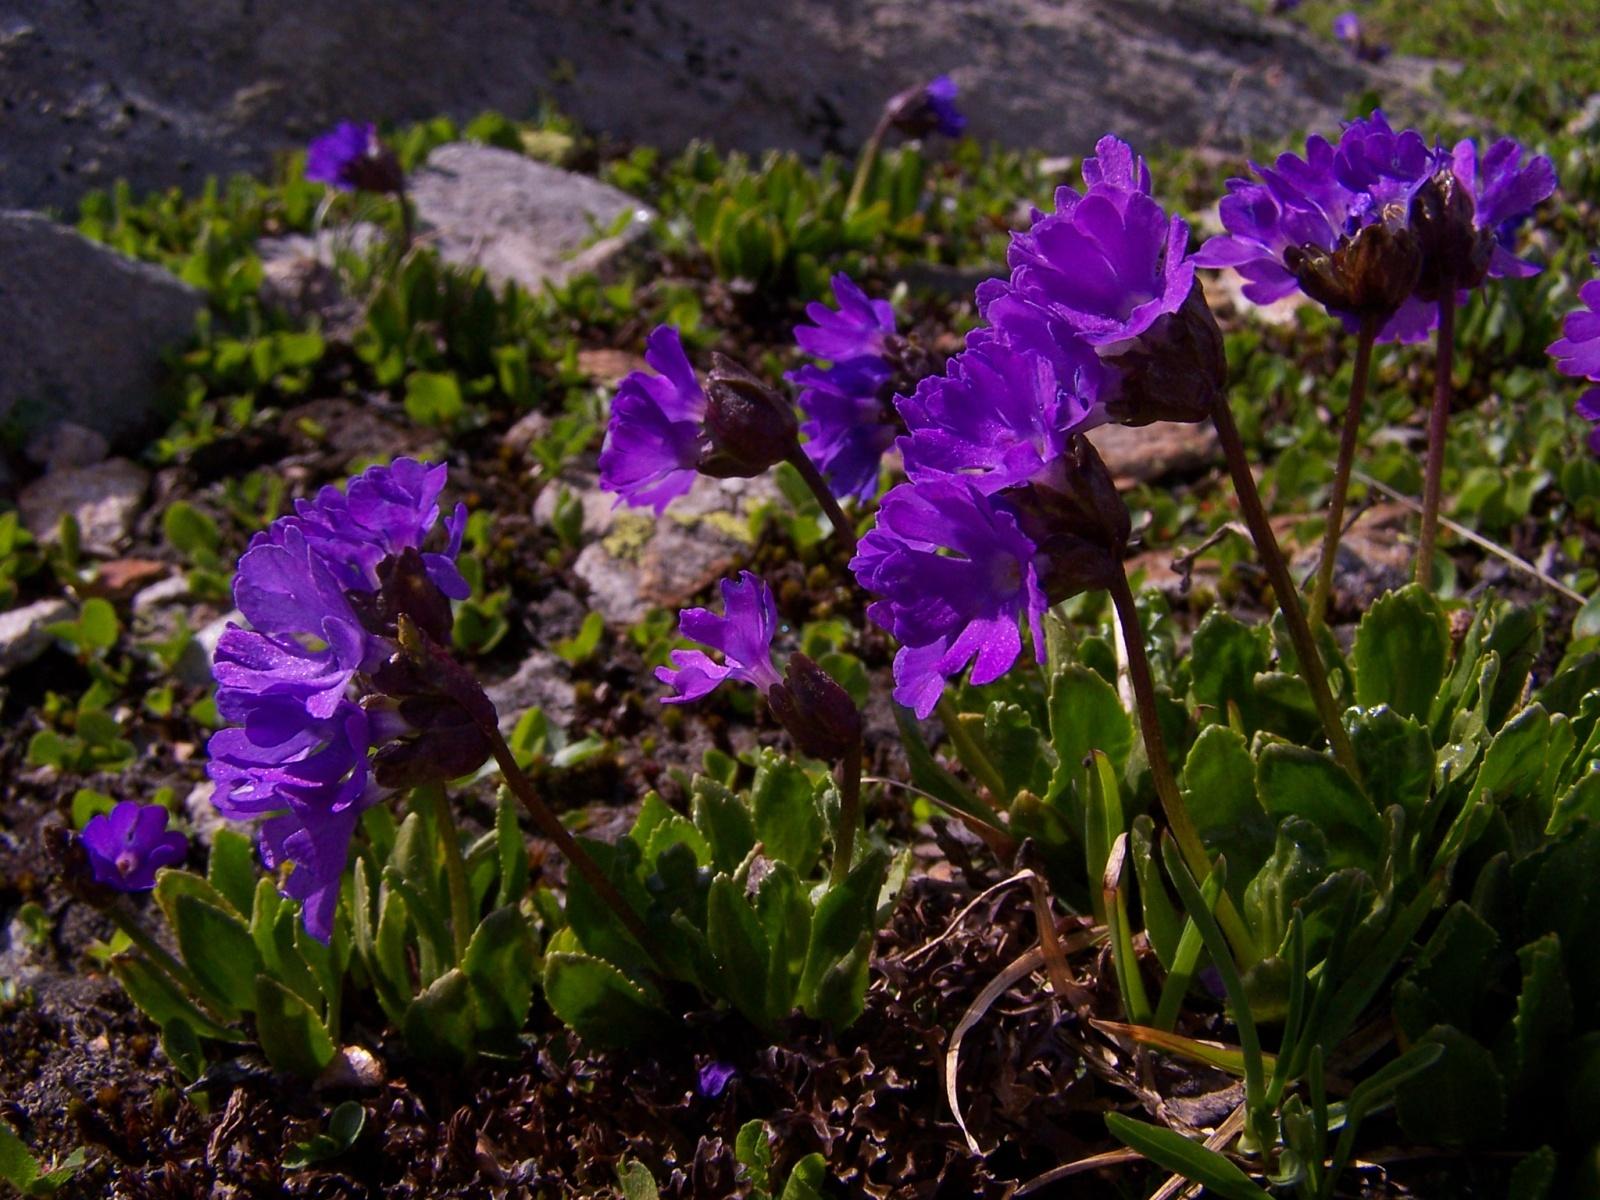 File:Primula glutinosa.jpg - Wikimedia Commons